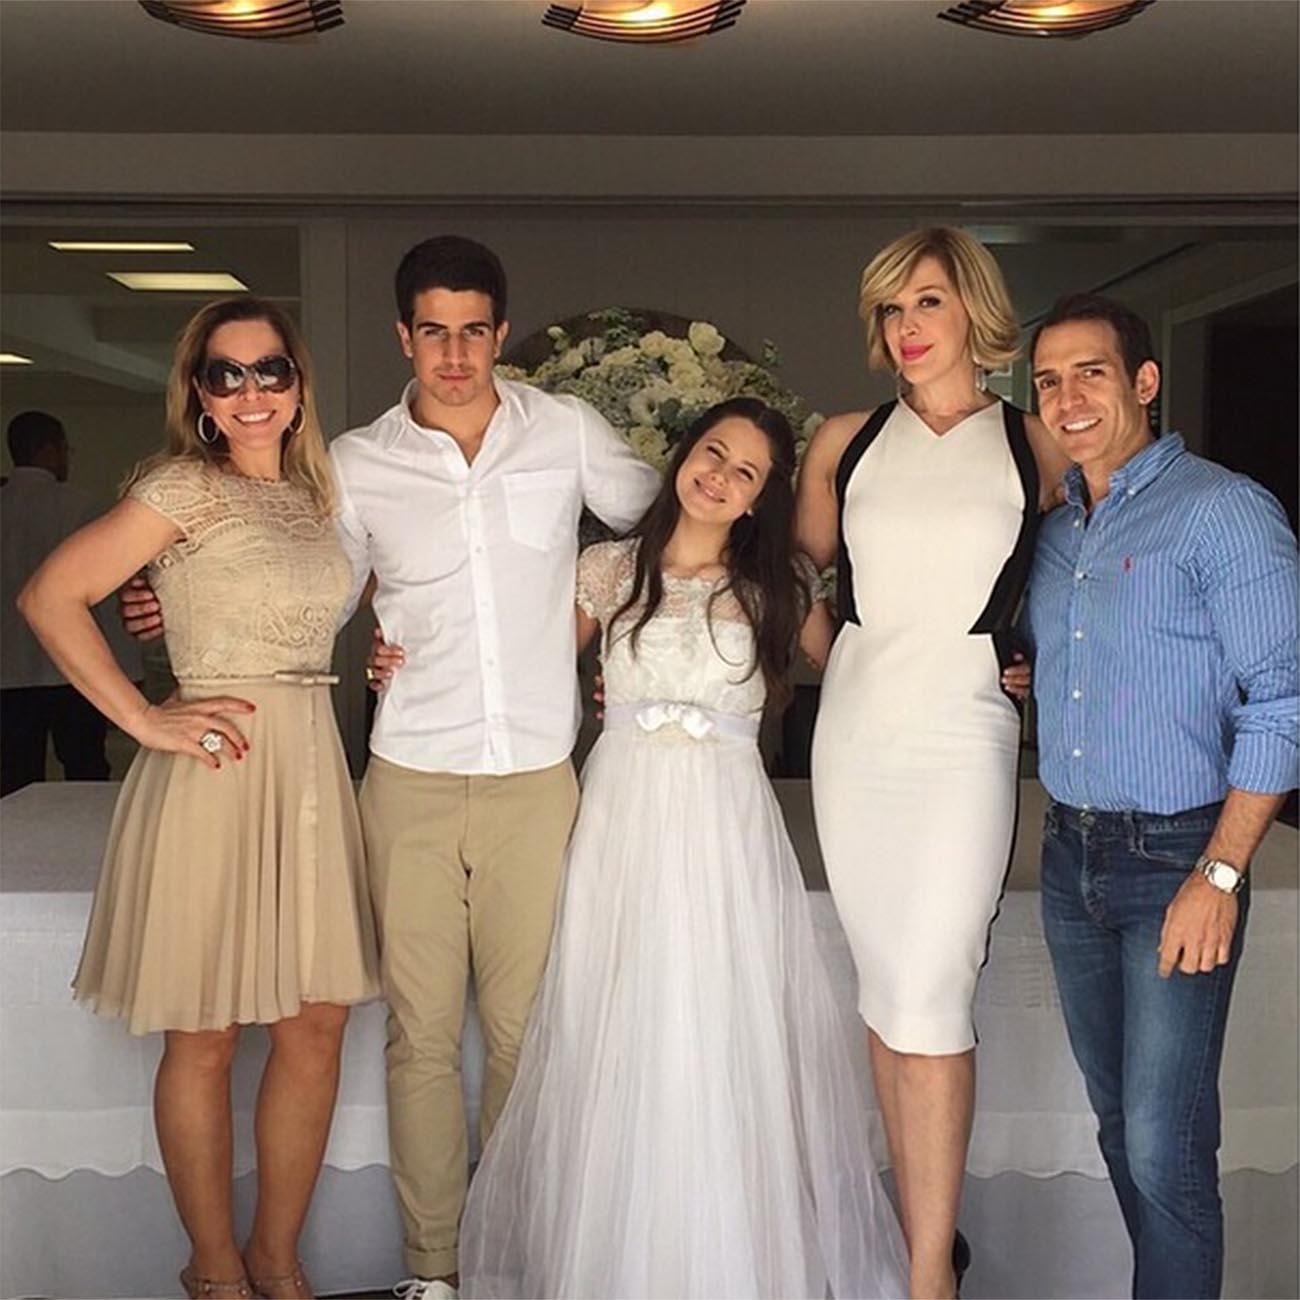 Cláudia Raia celebra primeira comunhão da filha - MoveNotícias 4b3830e7b73